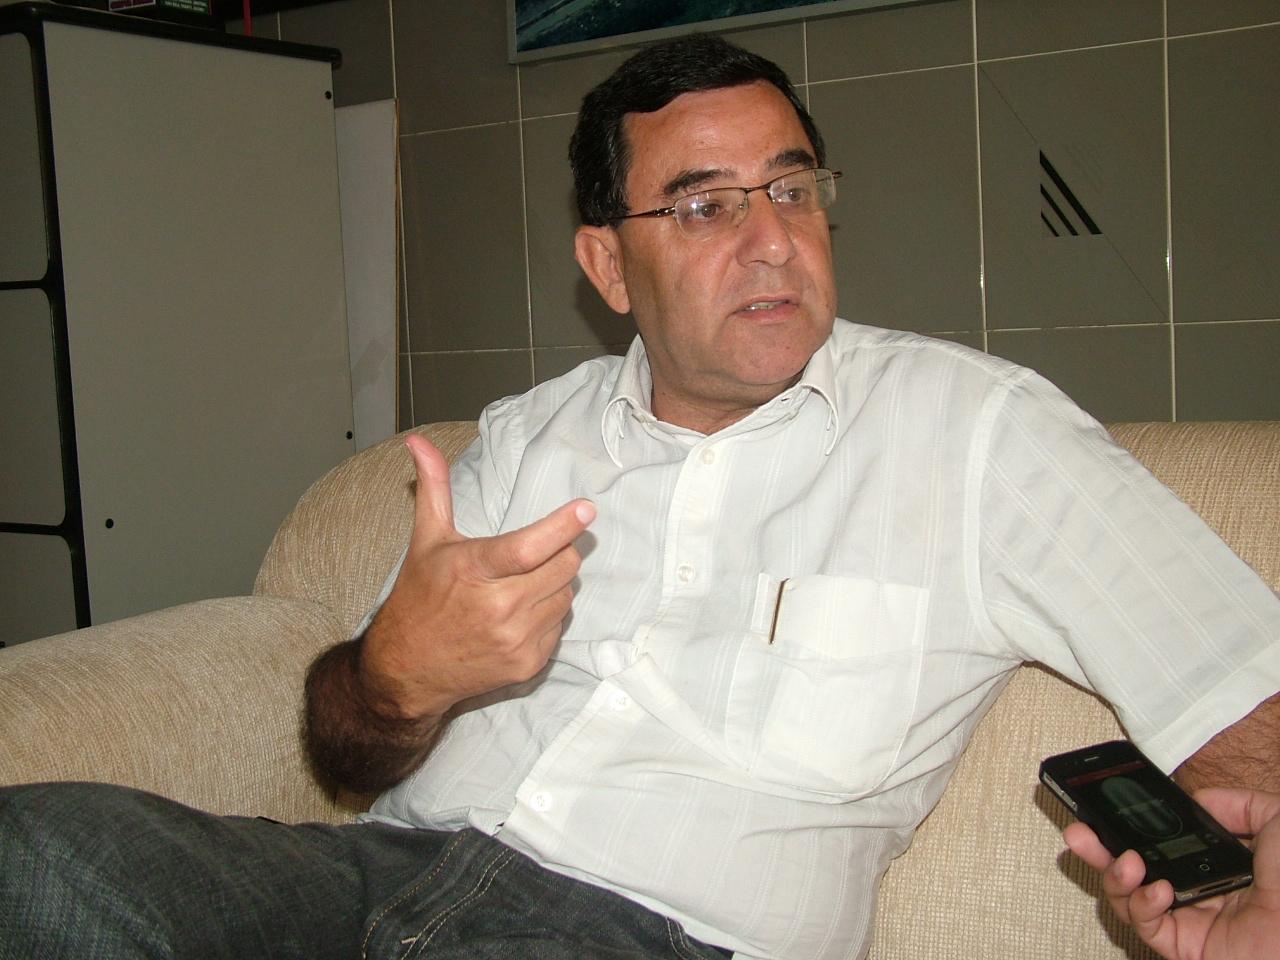 O prefeito Márcio Siqueira, que recebeu parecer favorável sobre contratos que o afastou do cargo (Foto: Arquivo Atos)